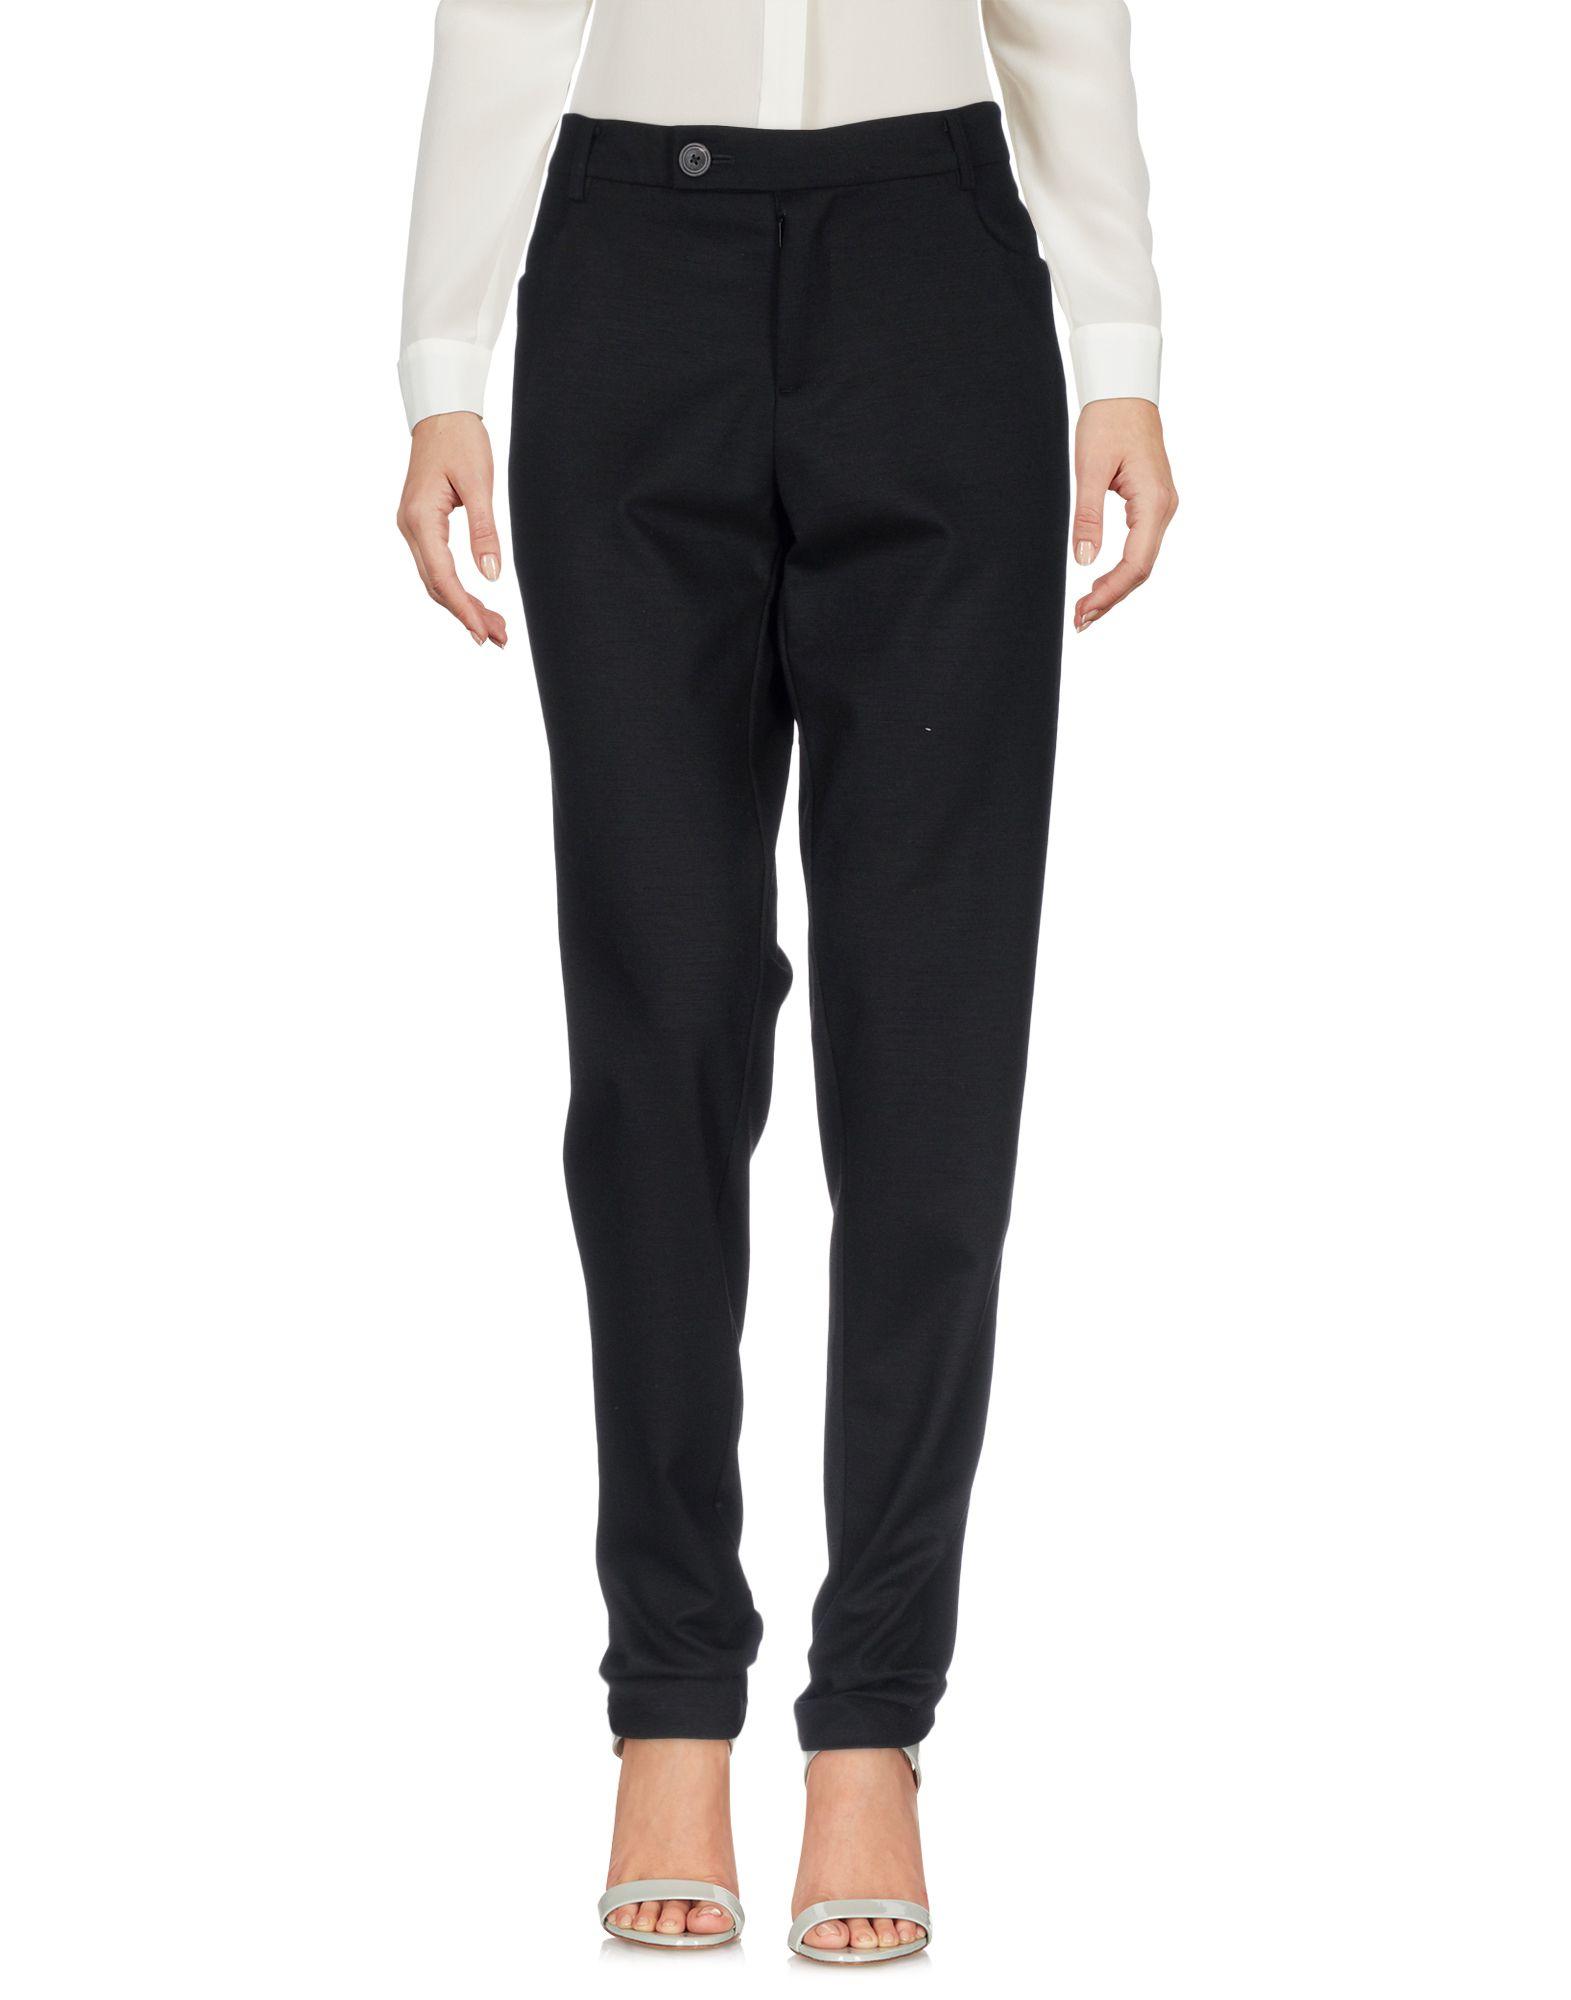 Pantalone Rundholz Donna - Acquista online su x6BXmm5seY